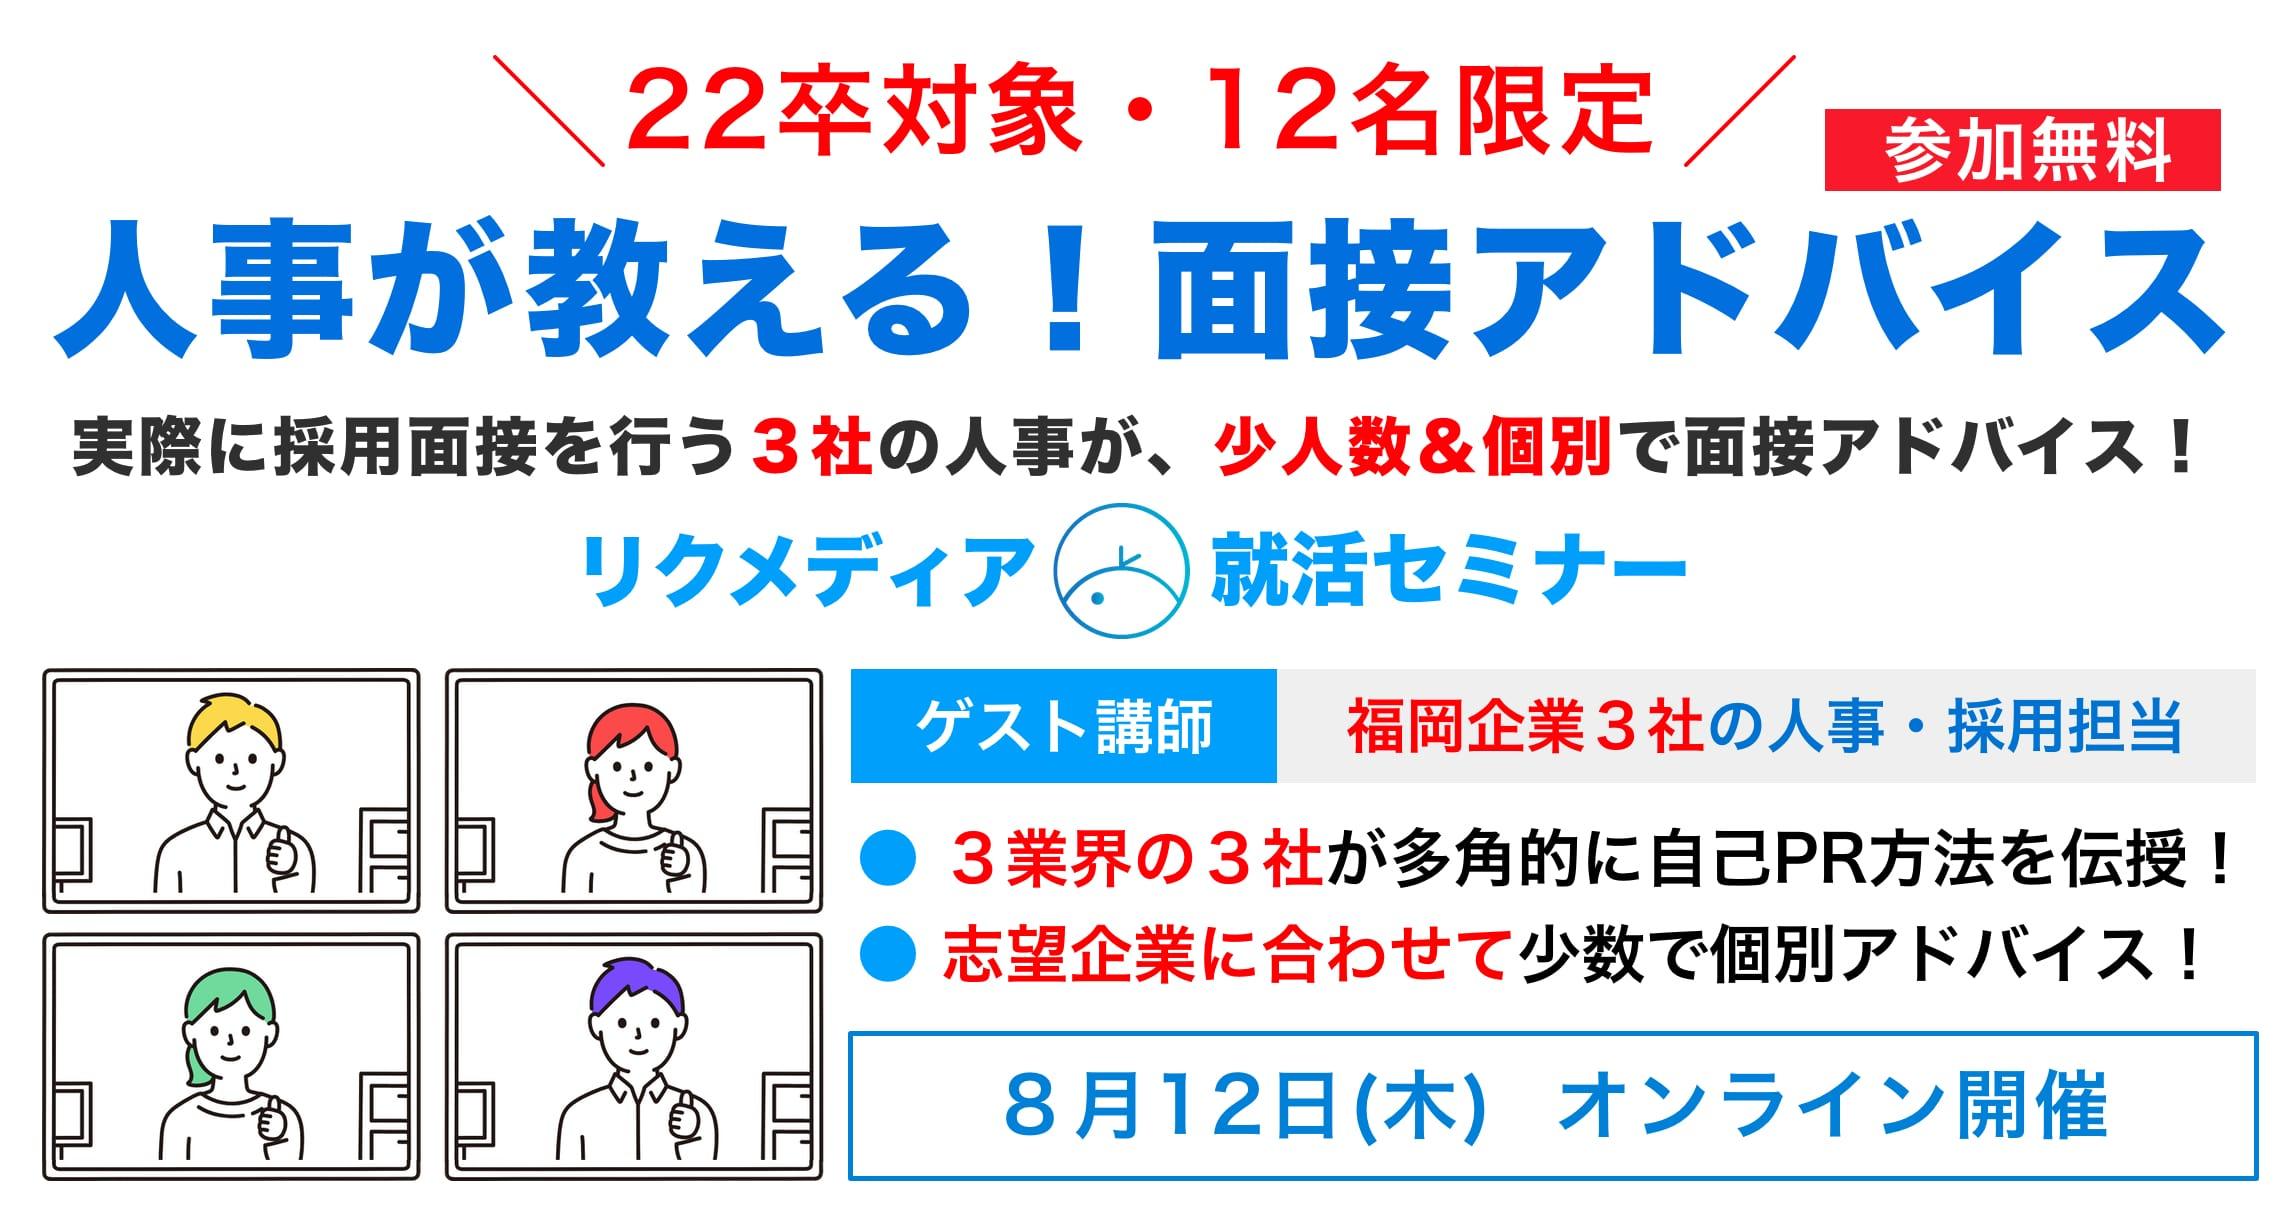 Recmedia 2022 004 top min